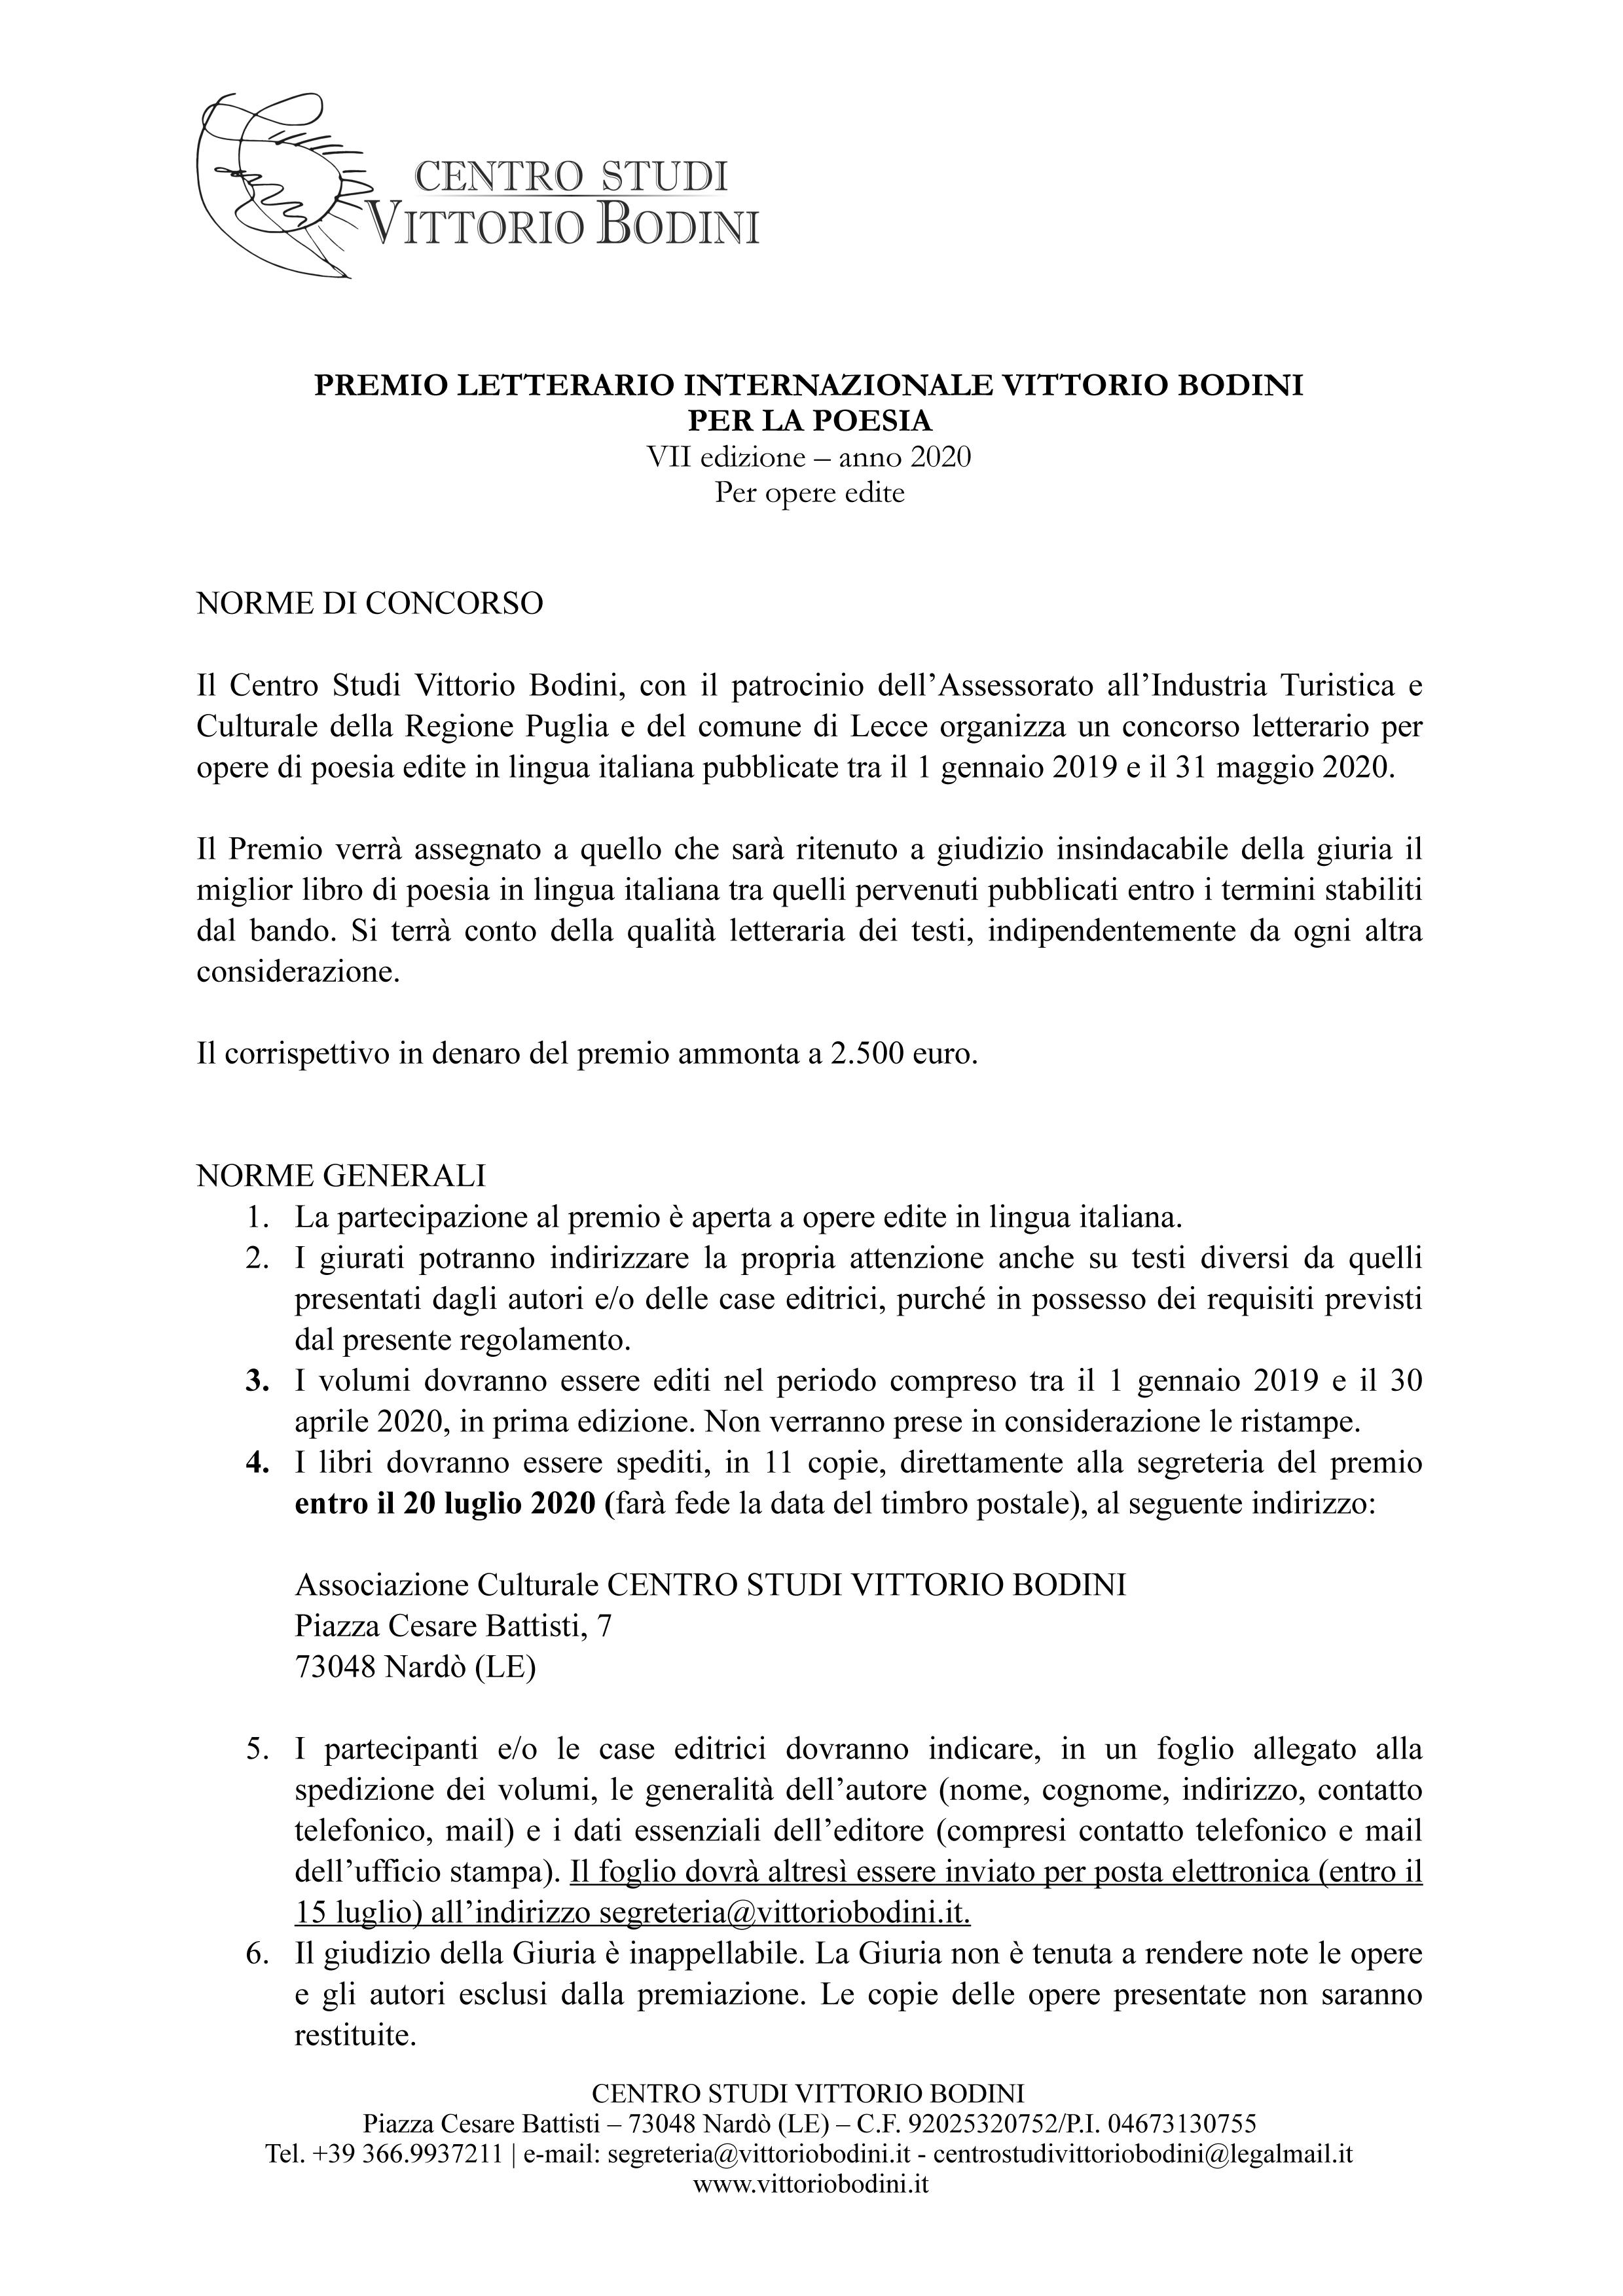 Premio Letterario Internazionale Vittorio Bodini per la poesia -